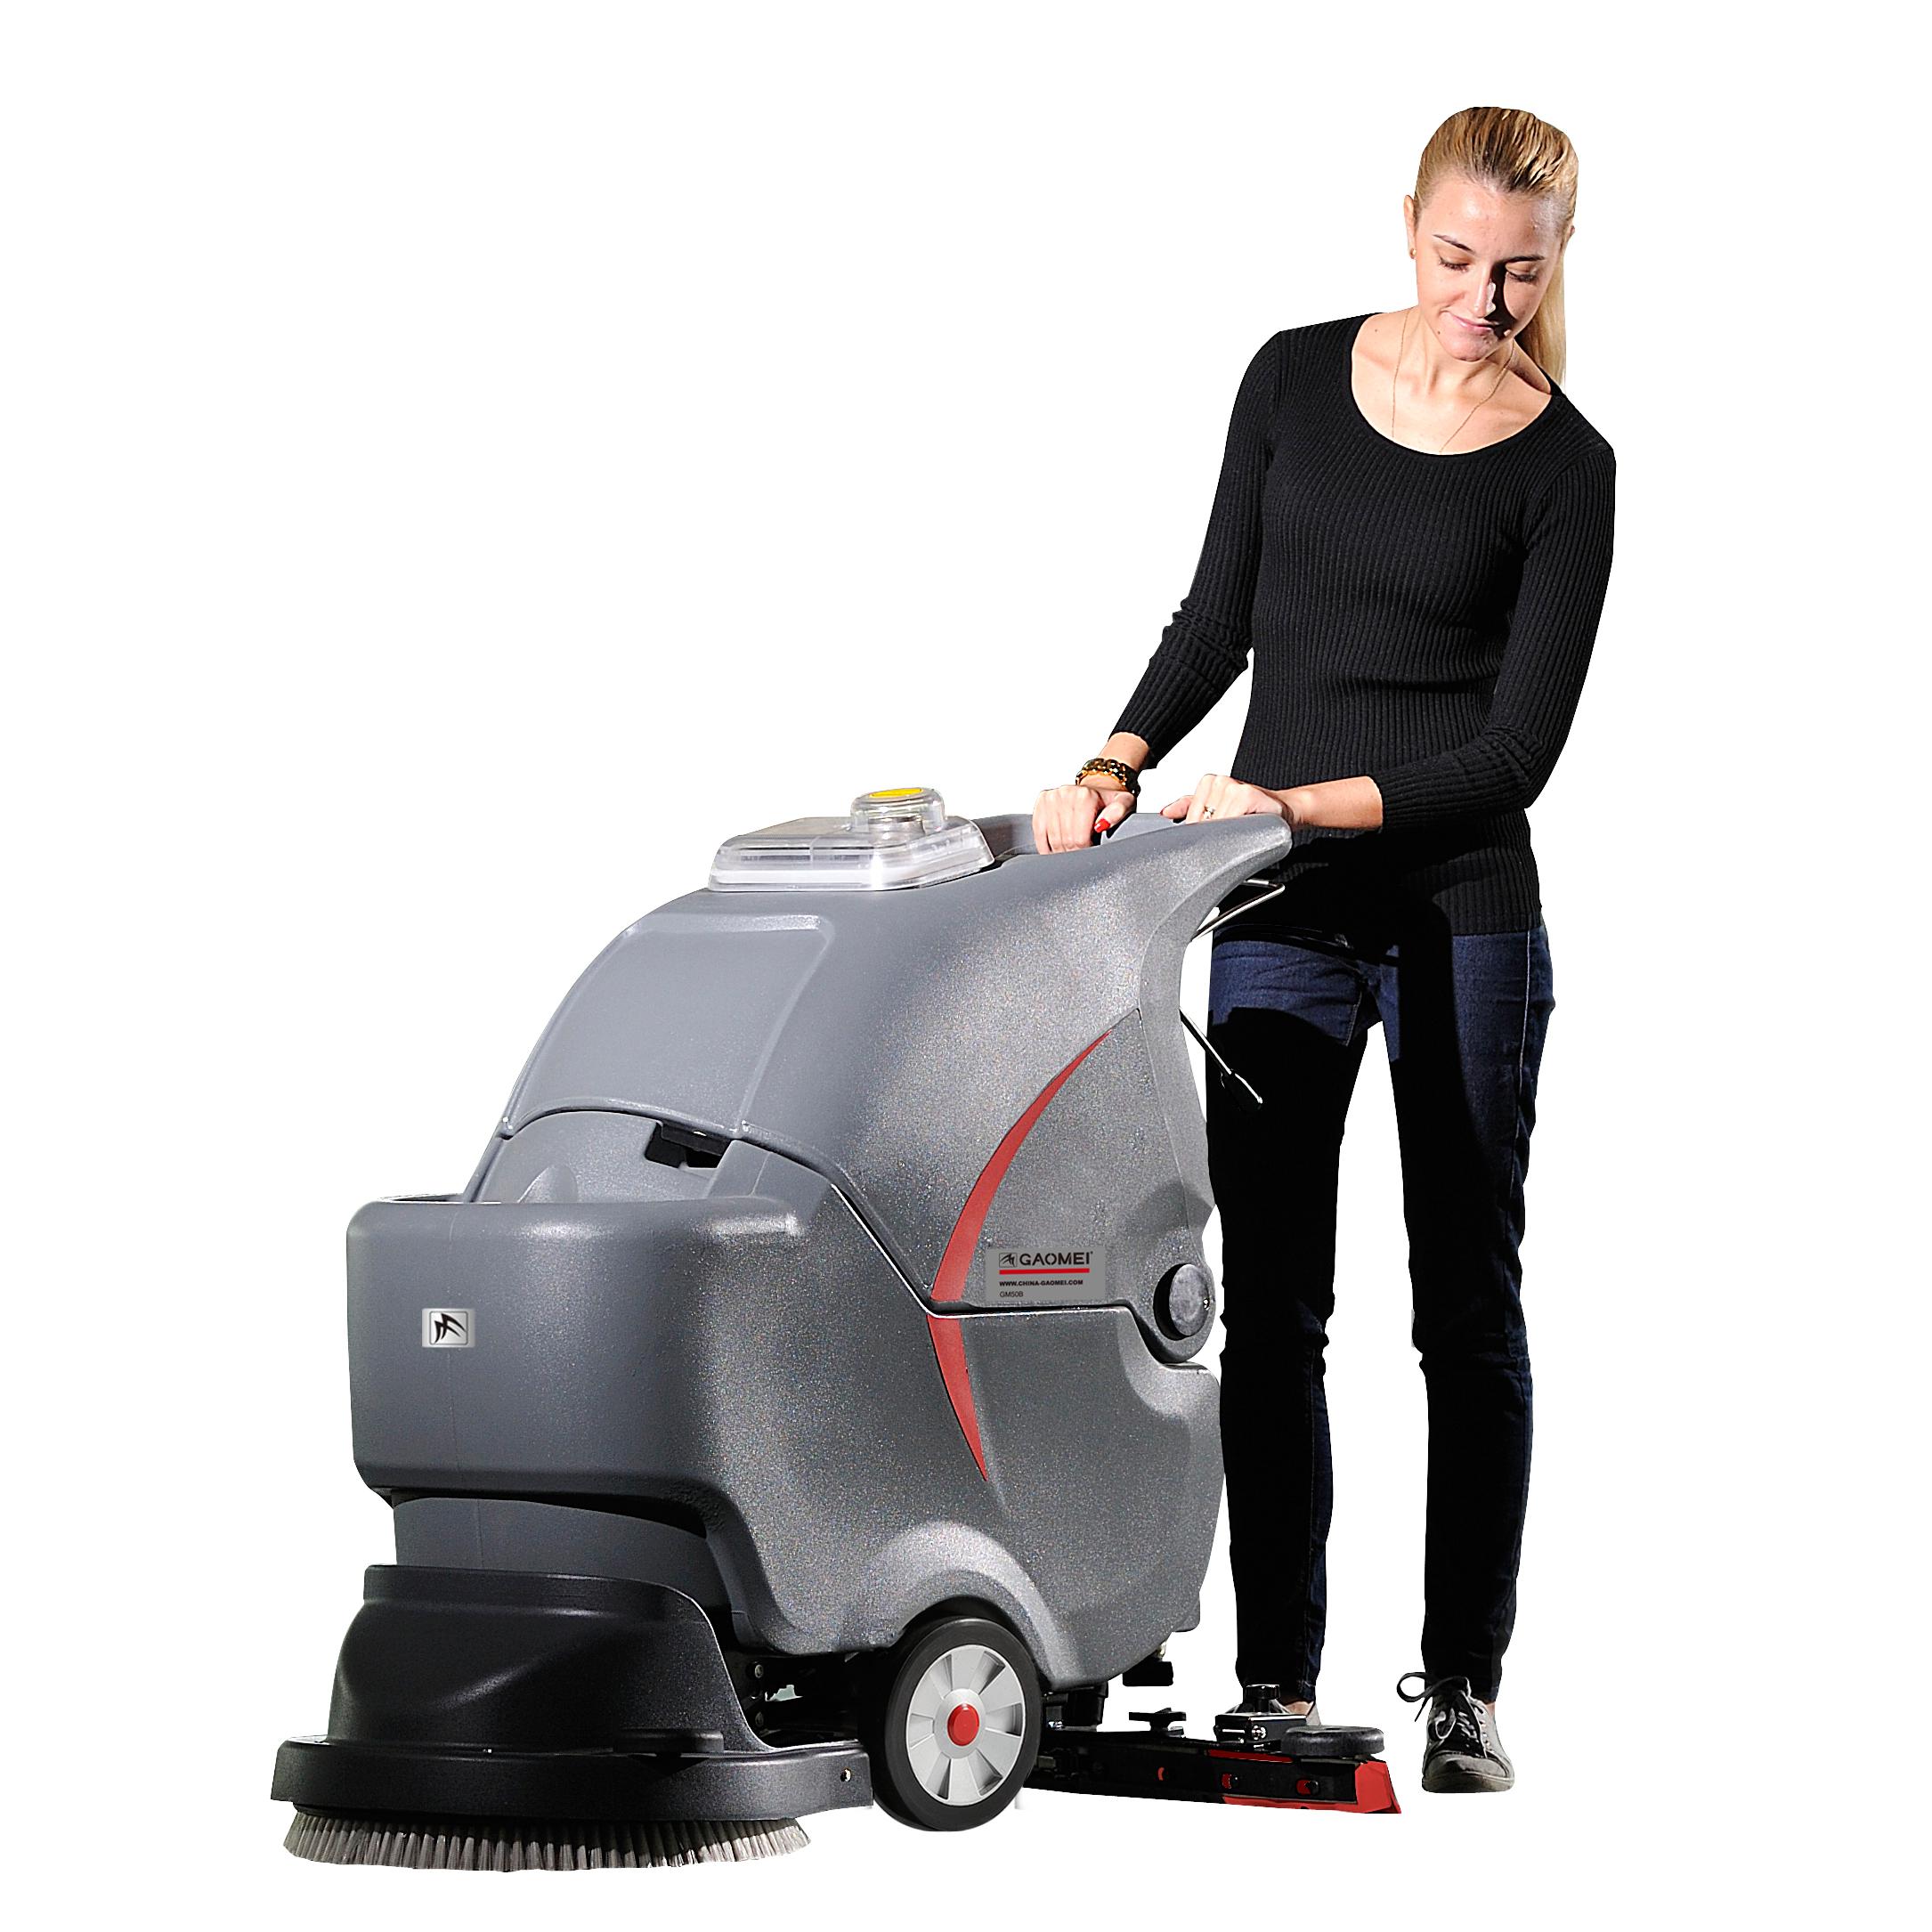 GM50高美电线式洗地机|广州拖线式洗地机 快捷灵便,省力省钱